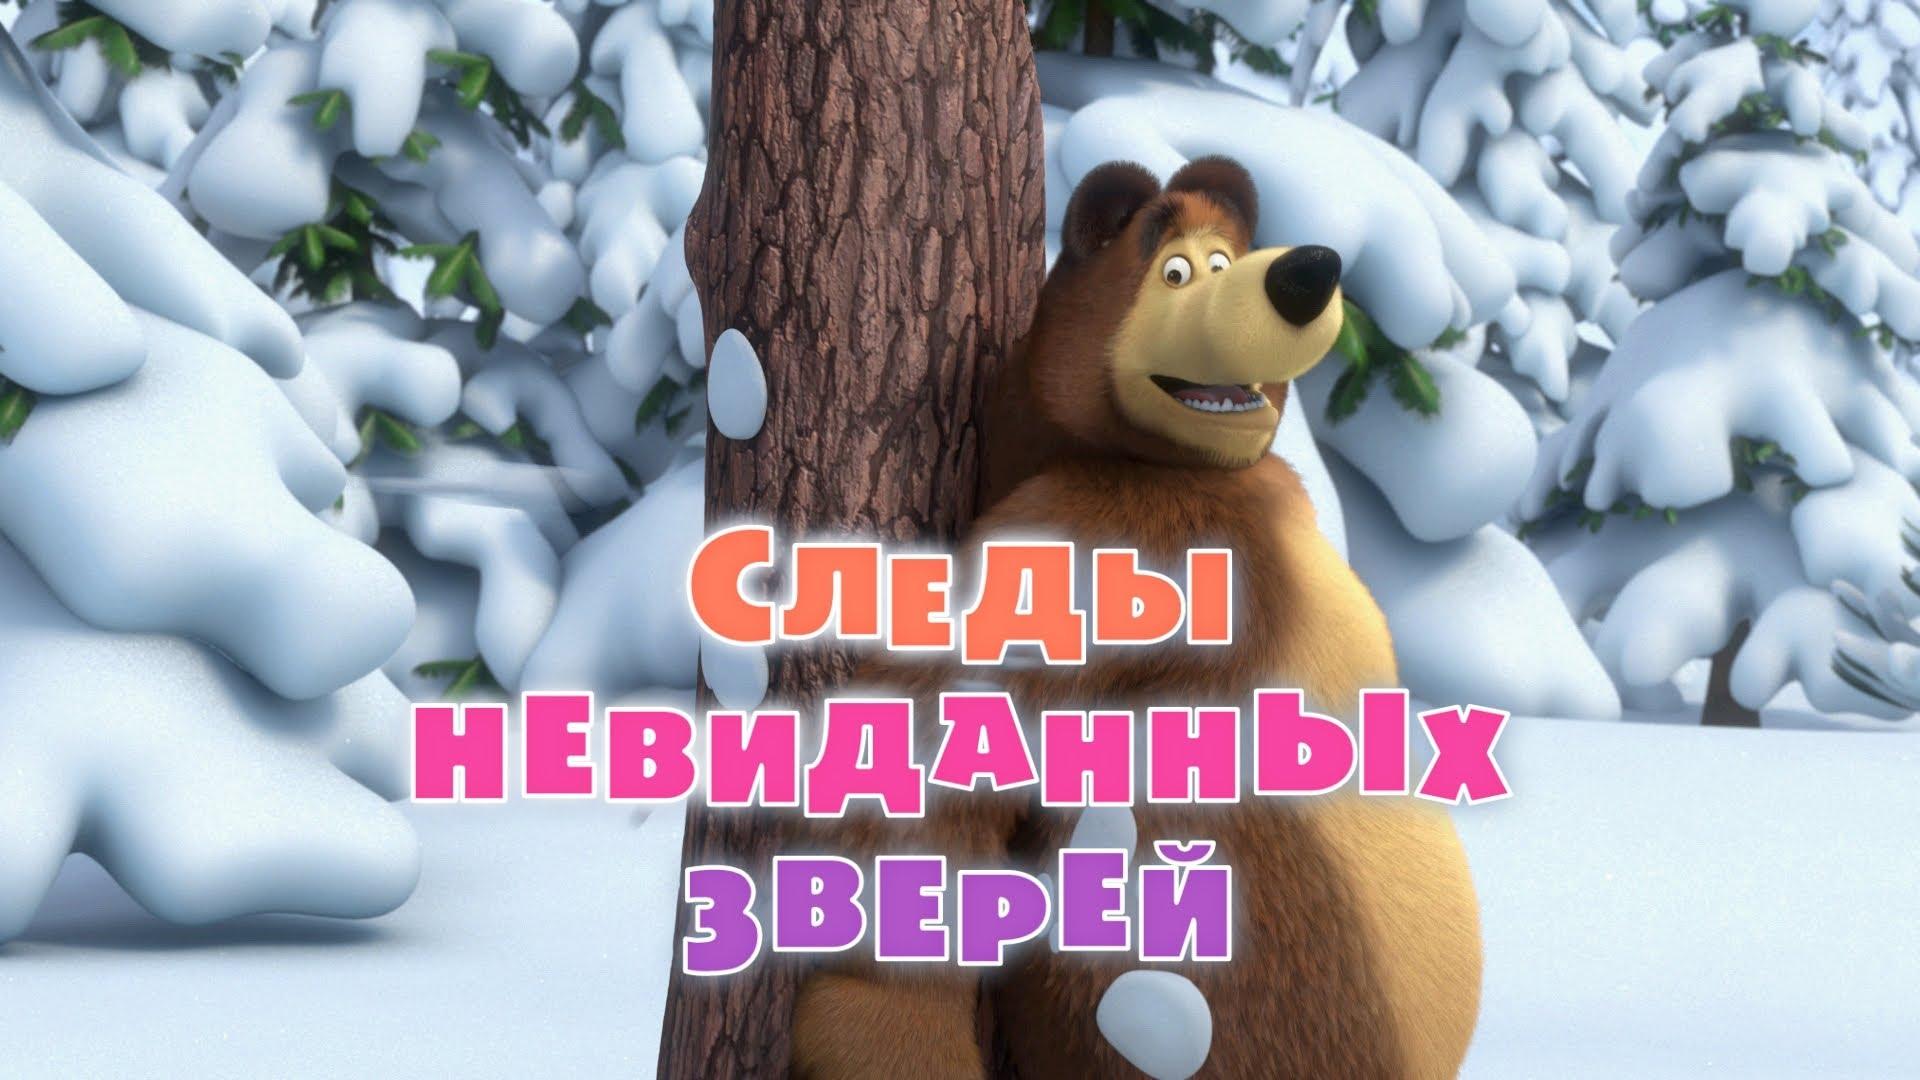 4 Серия. Маша и Медведь — Следы невиданных зверей